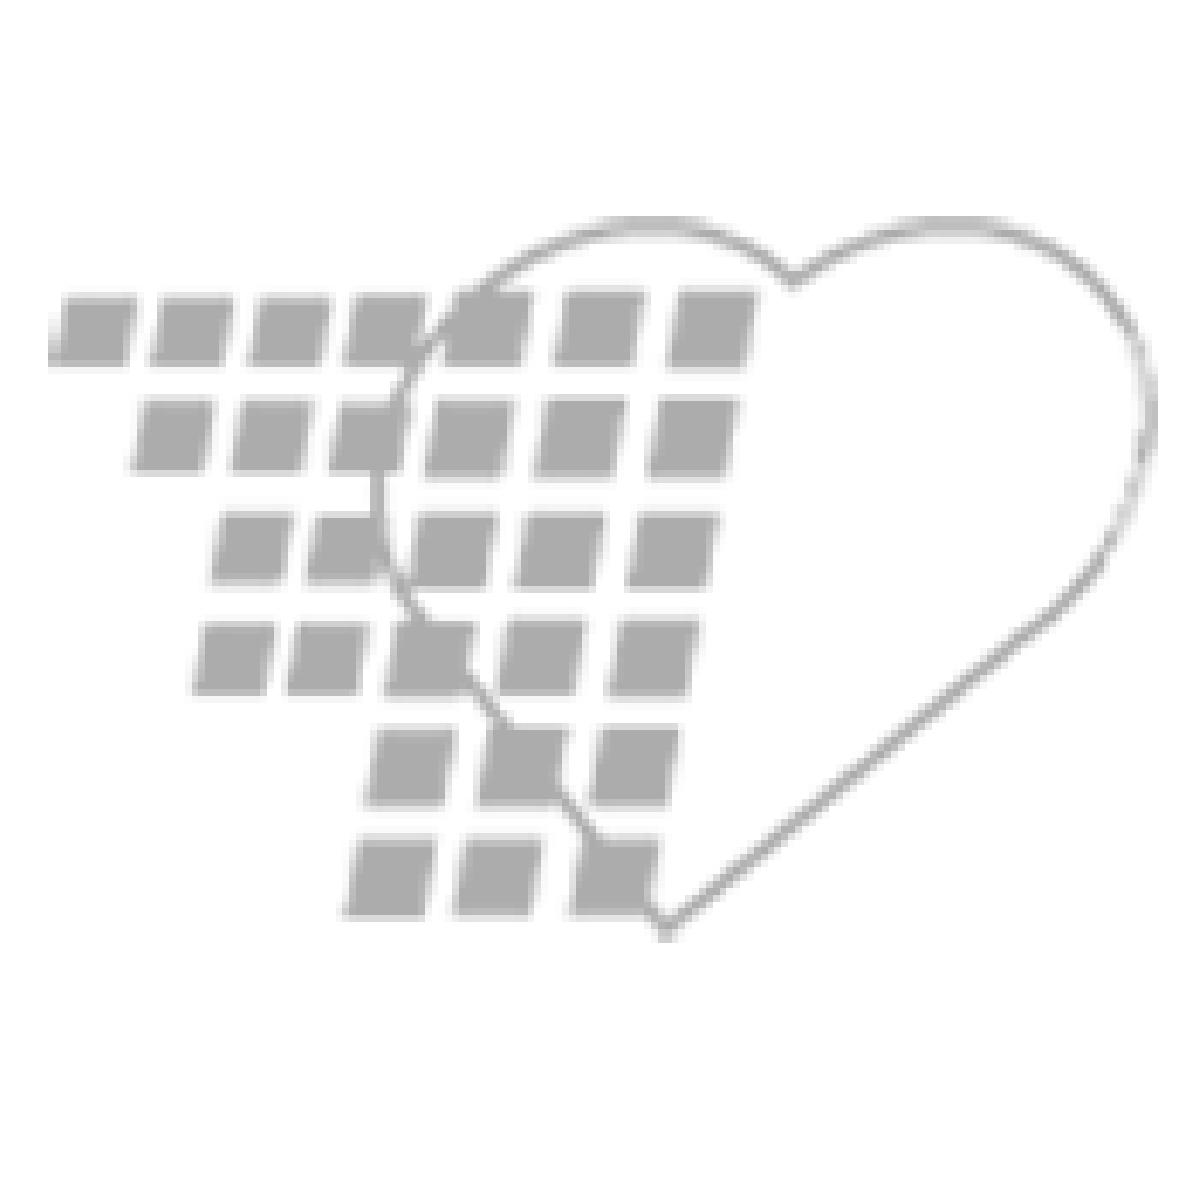 09-31-1040 - The EZ Board   Patient Communication Board